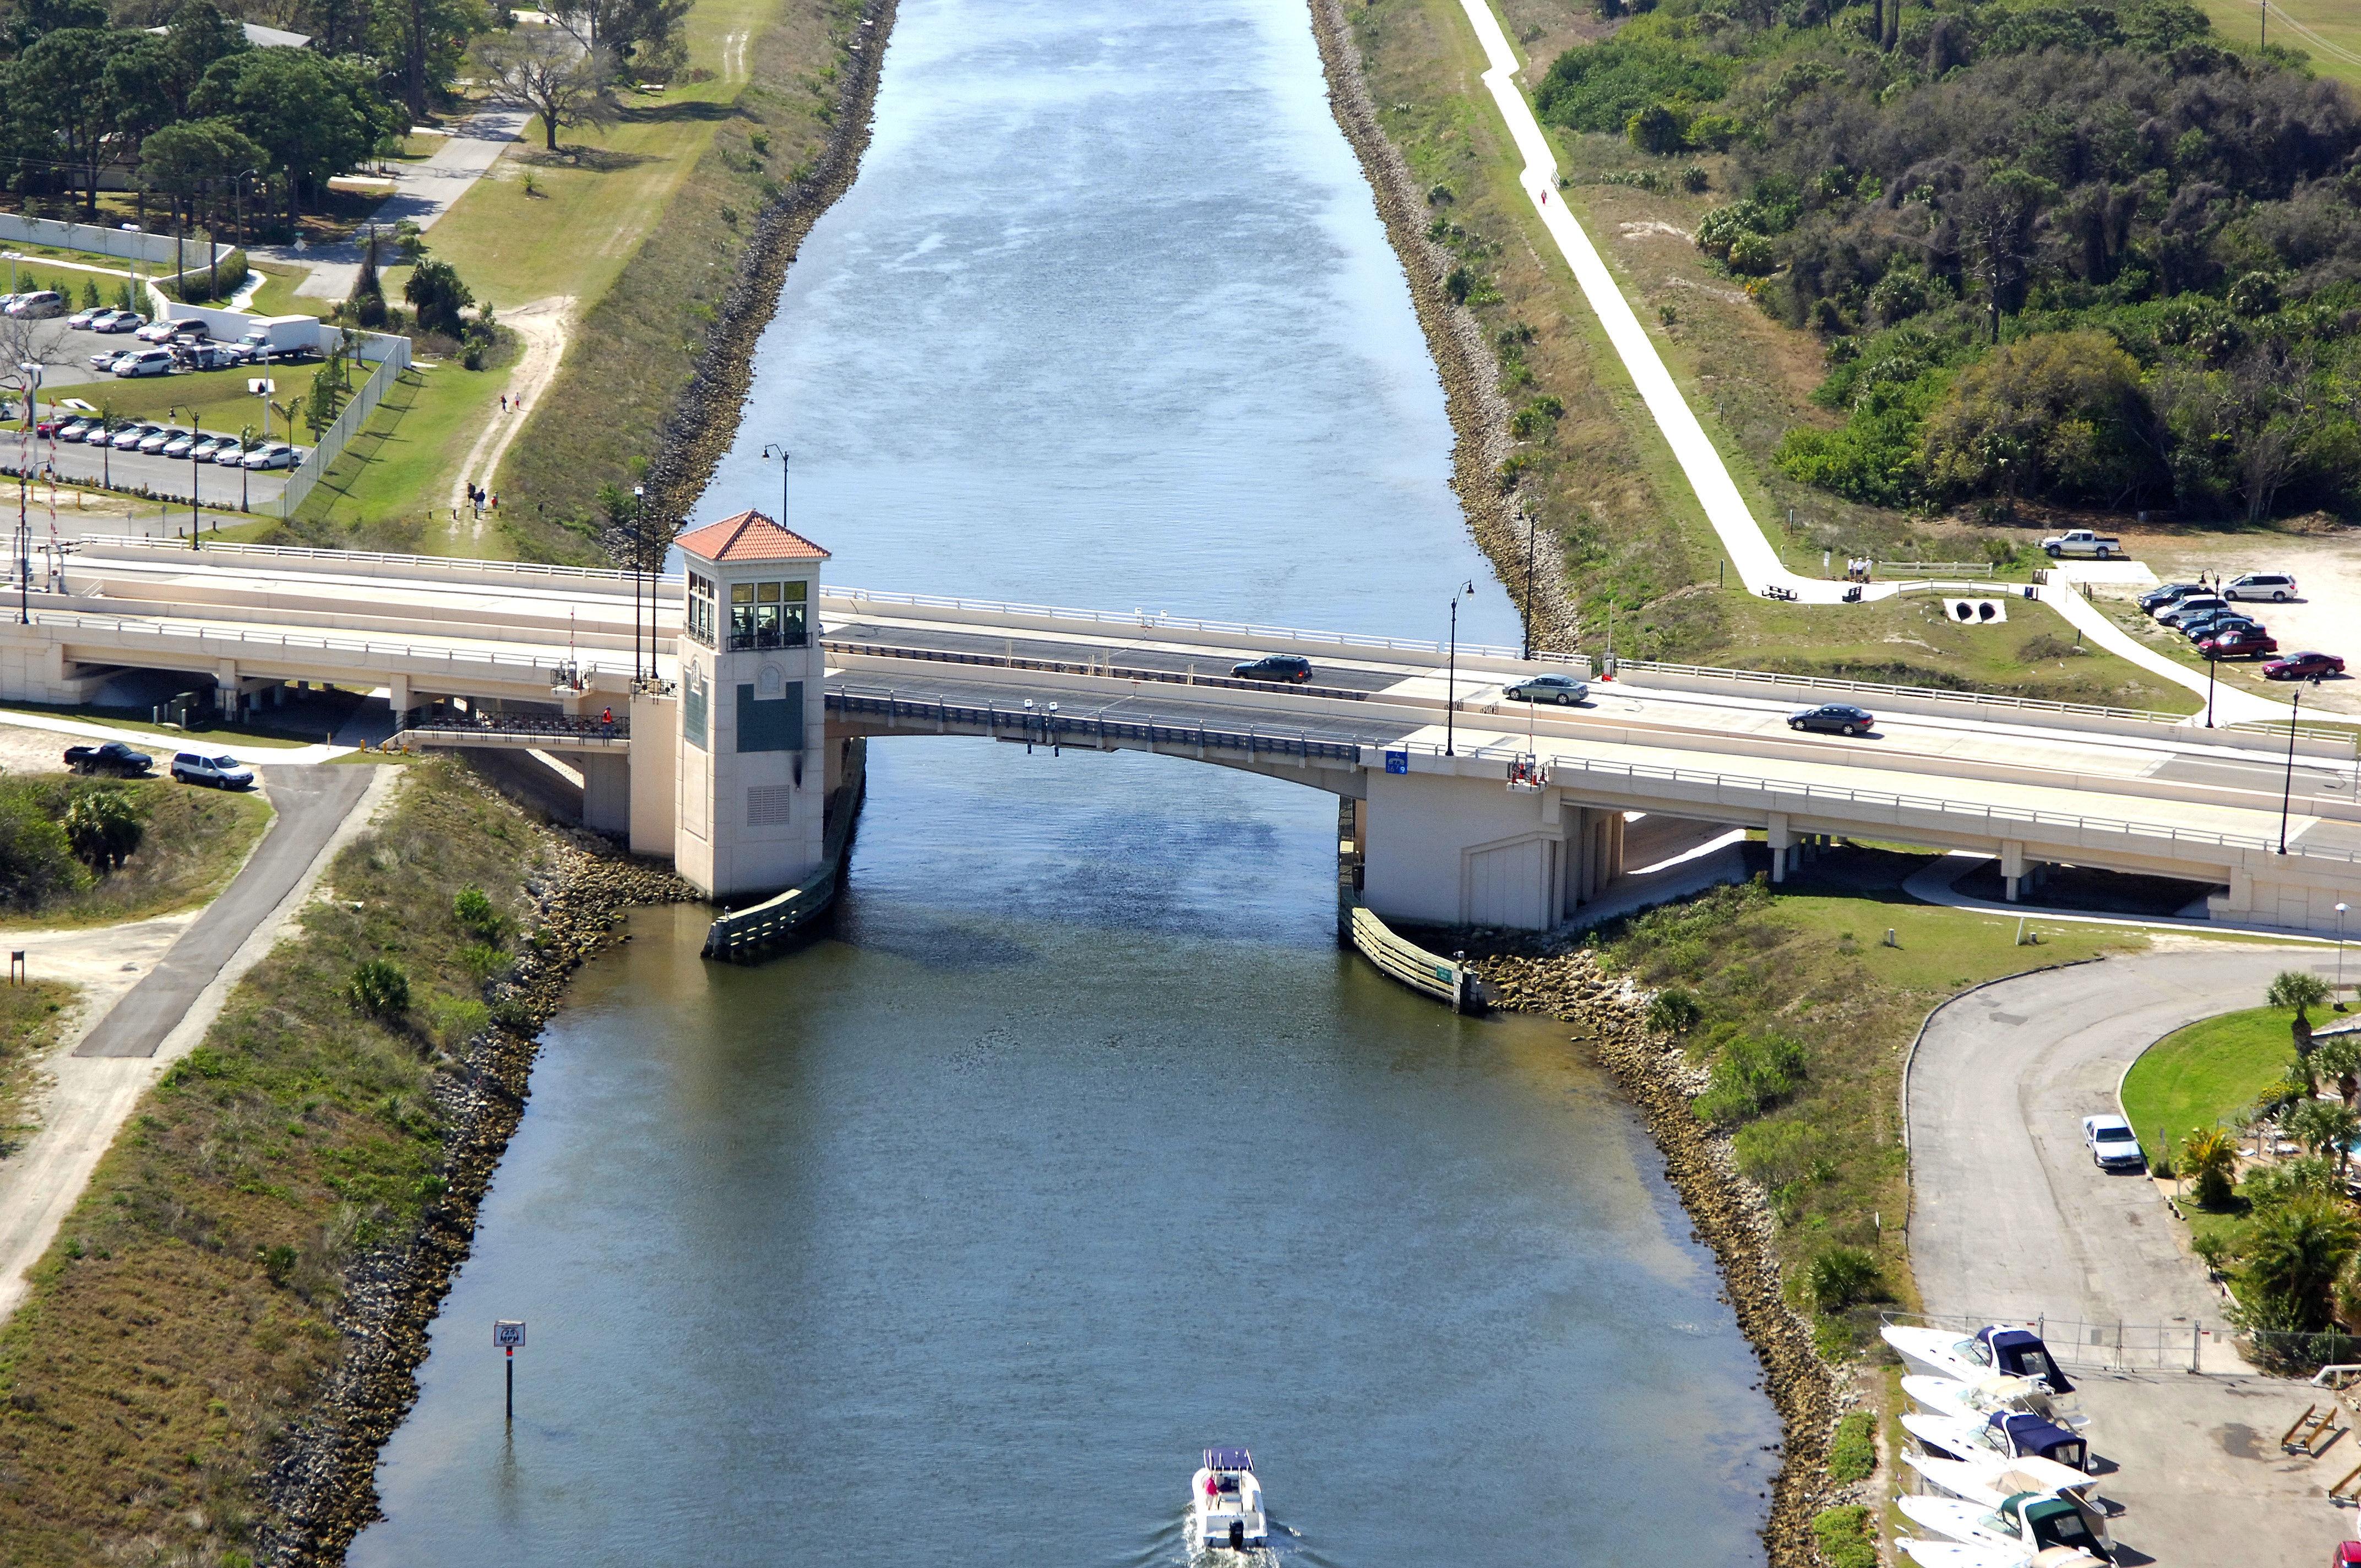 Tamiami trail bascule bridge in venice fl united states bridge tamiami trail bascule bridge nvjuhfo Choice Image